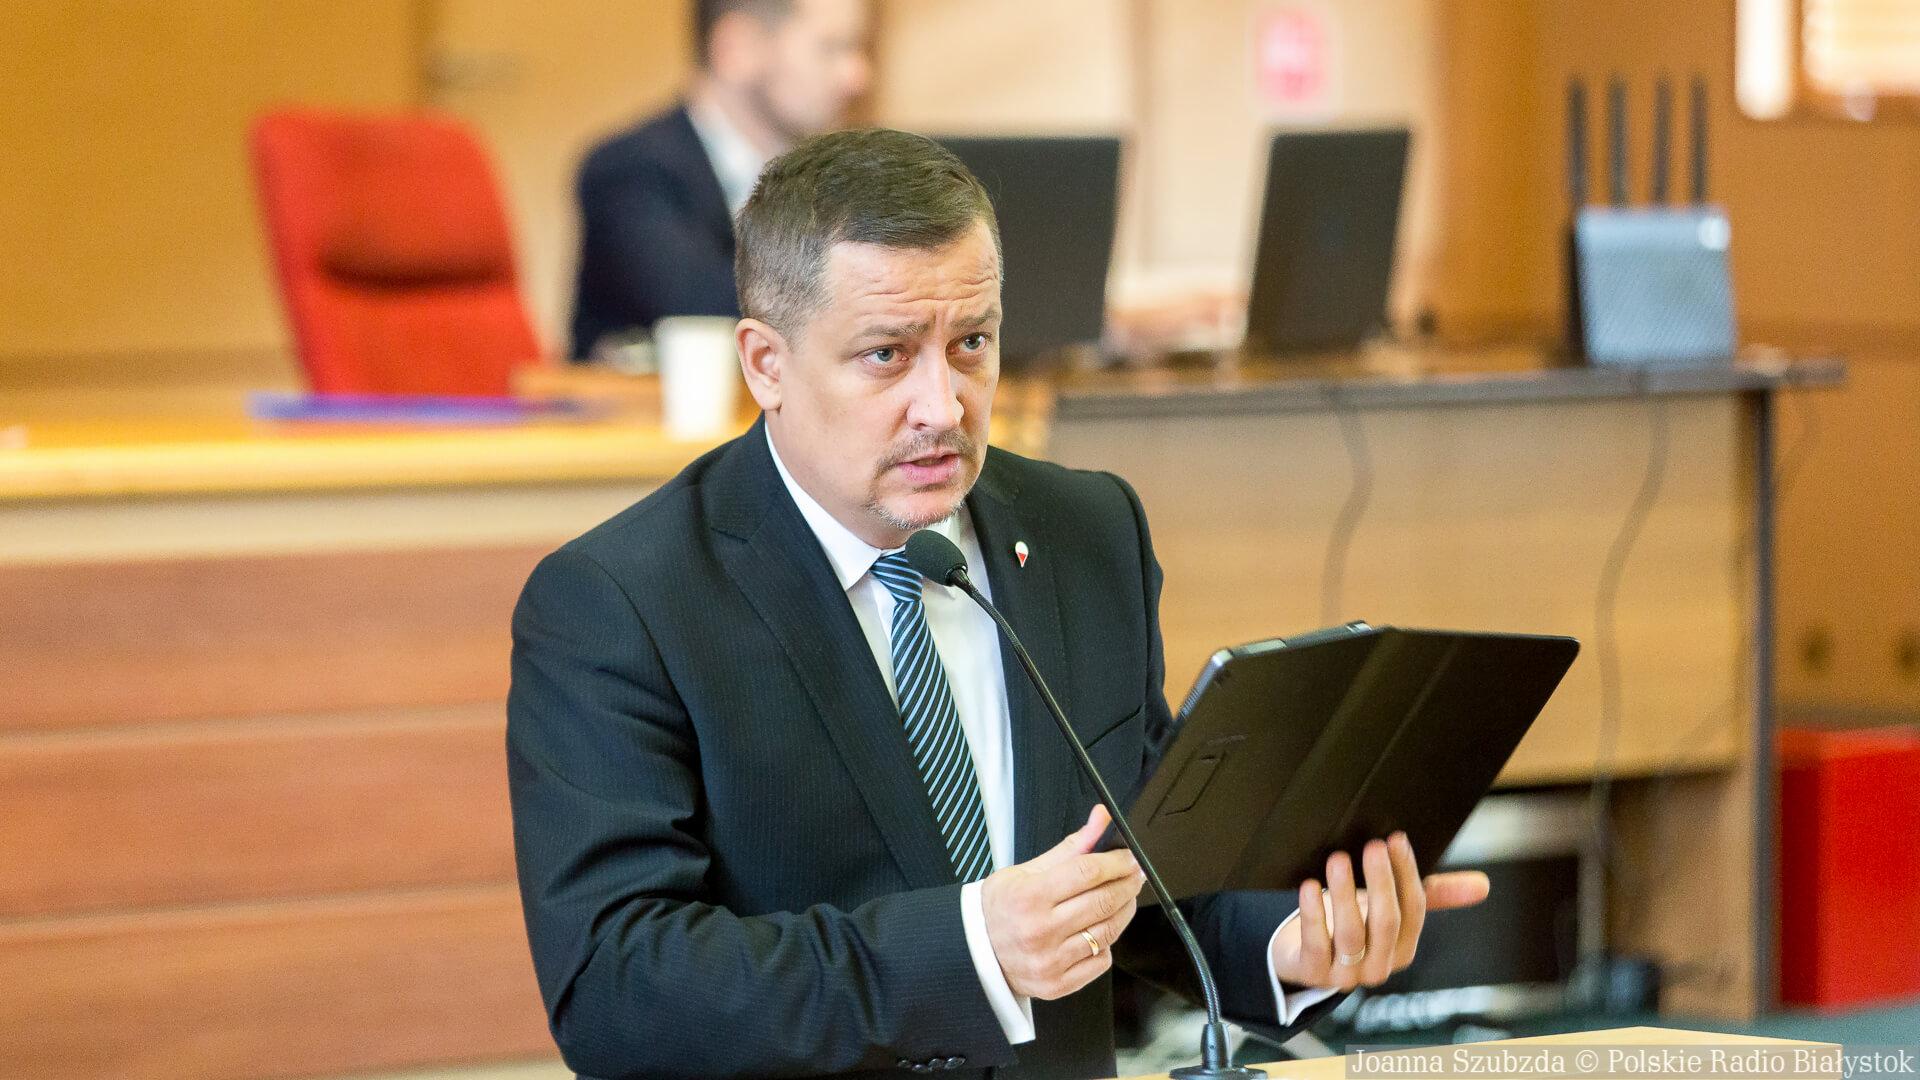 Paweł Myszkowski, fot. Joanna Szubzda